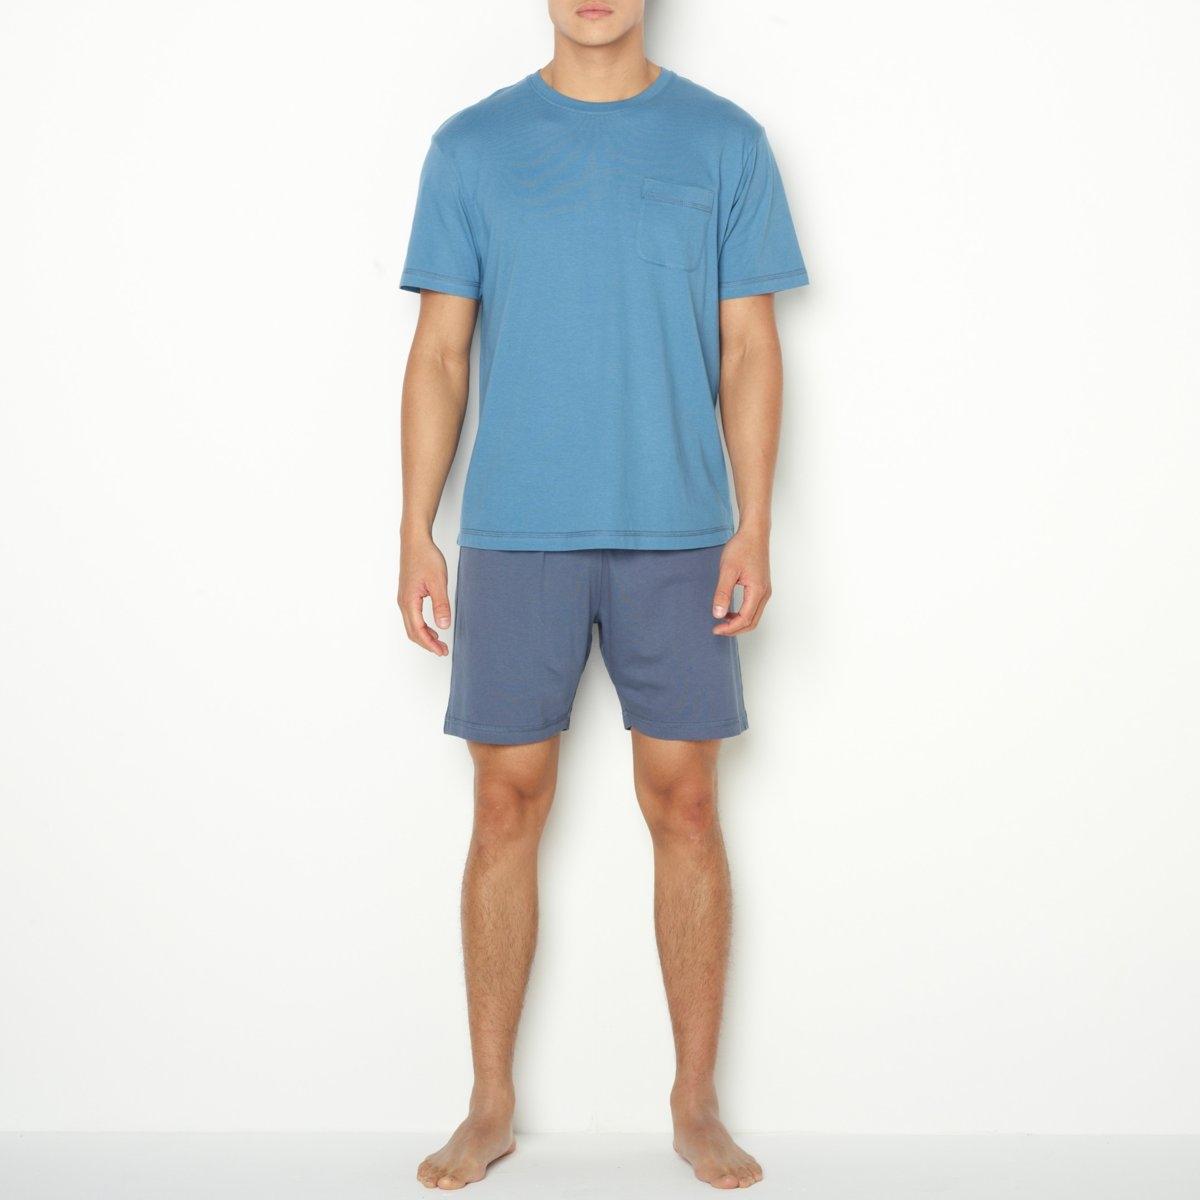 Пижама с шортамиДжерси, 100% хлопка. Футболка с короткими рукавами, круглым вырезом, нагрудным карманом и контрастной строчкой. Шорты с эластичным поясом.<br><br>Цвет: серый/ антрацит,синий/ темно-синий<br>Размер: XXL.3XL.M.XXL.S